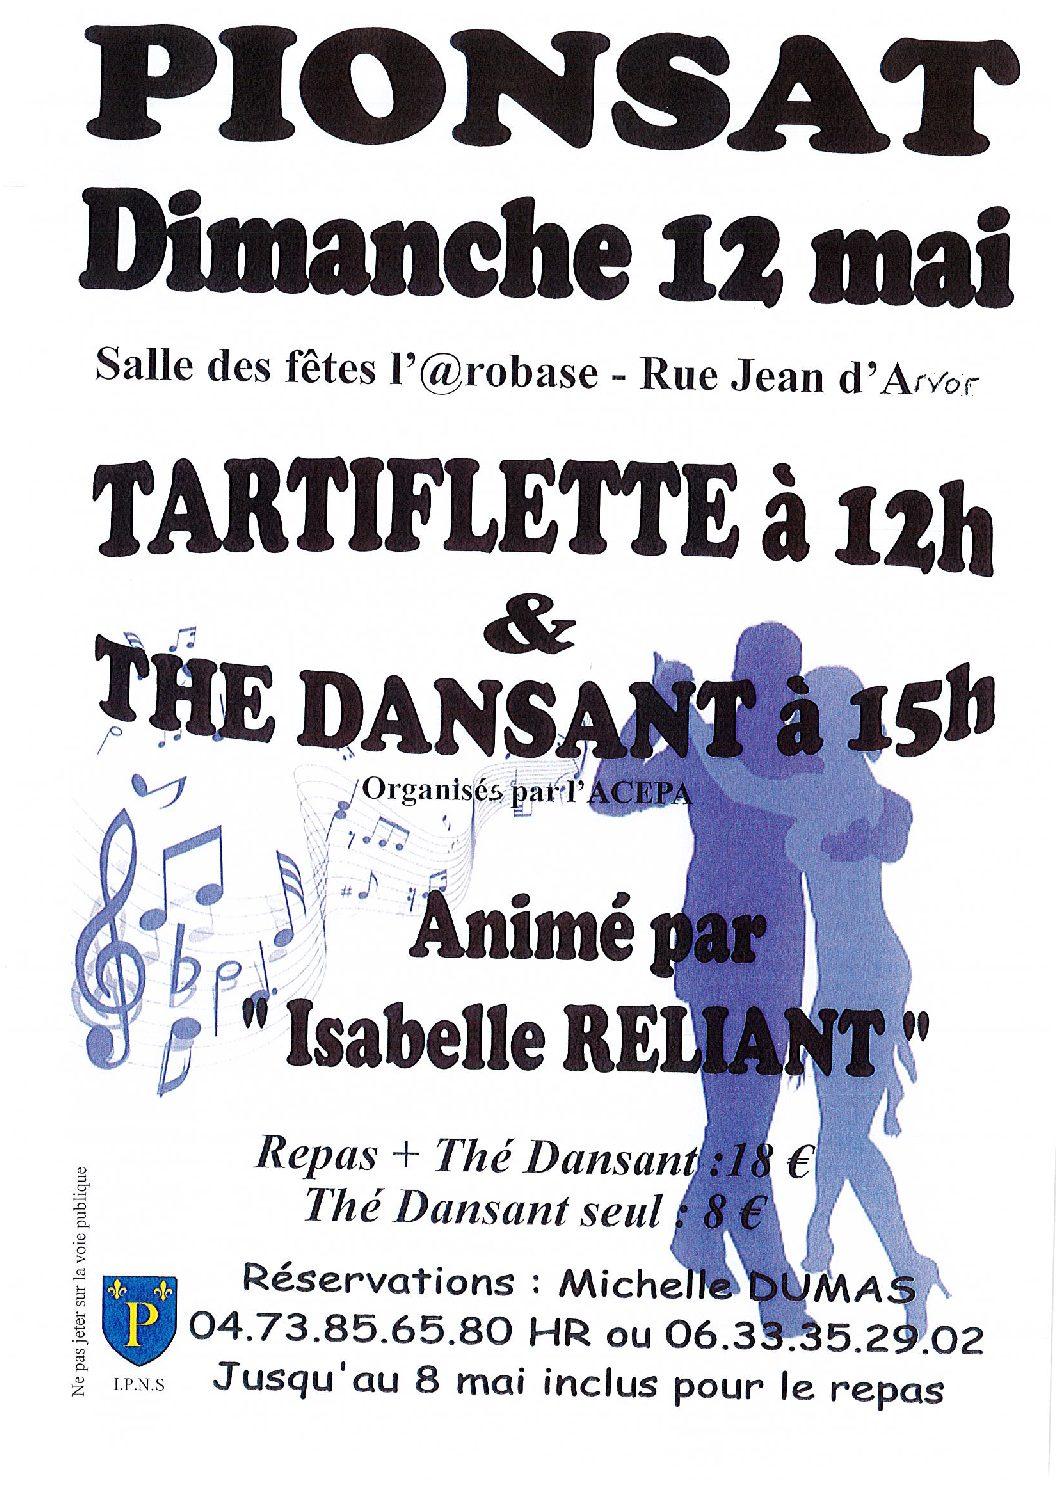 TARTIFLETTE DU 12 MAI